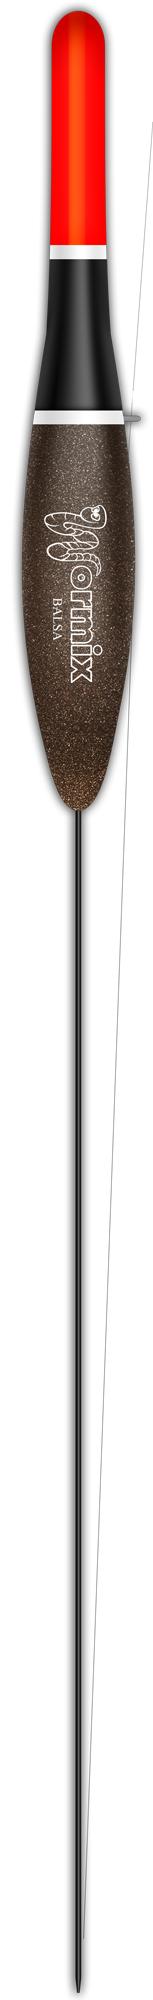 Поплавок Wormix 011 - 2 гр